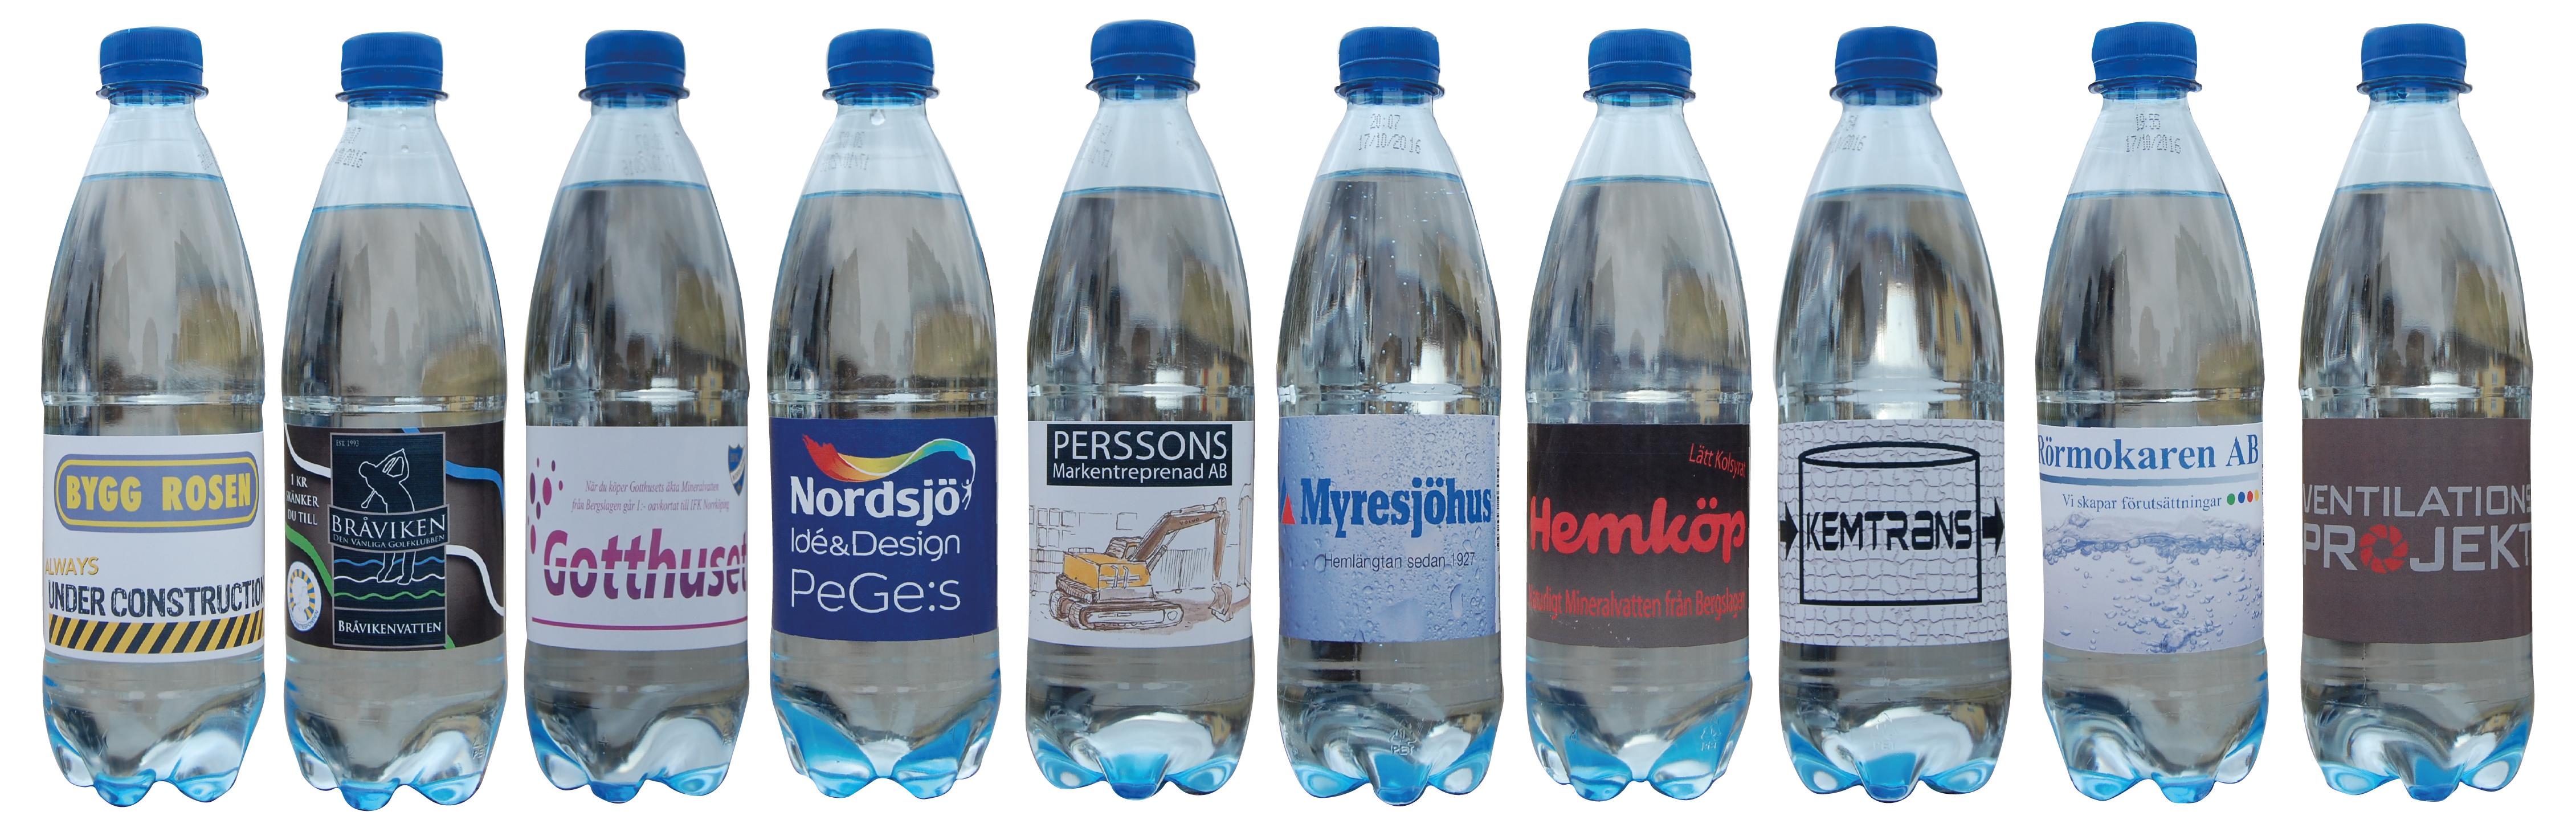 Samlingsbild flaskor